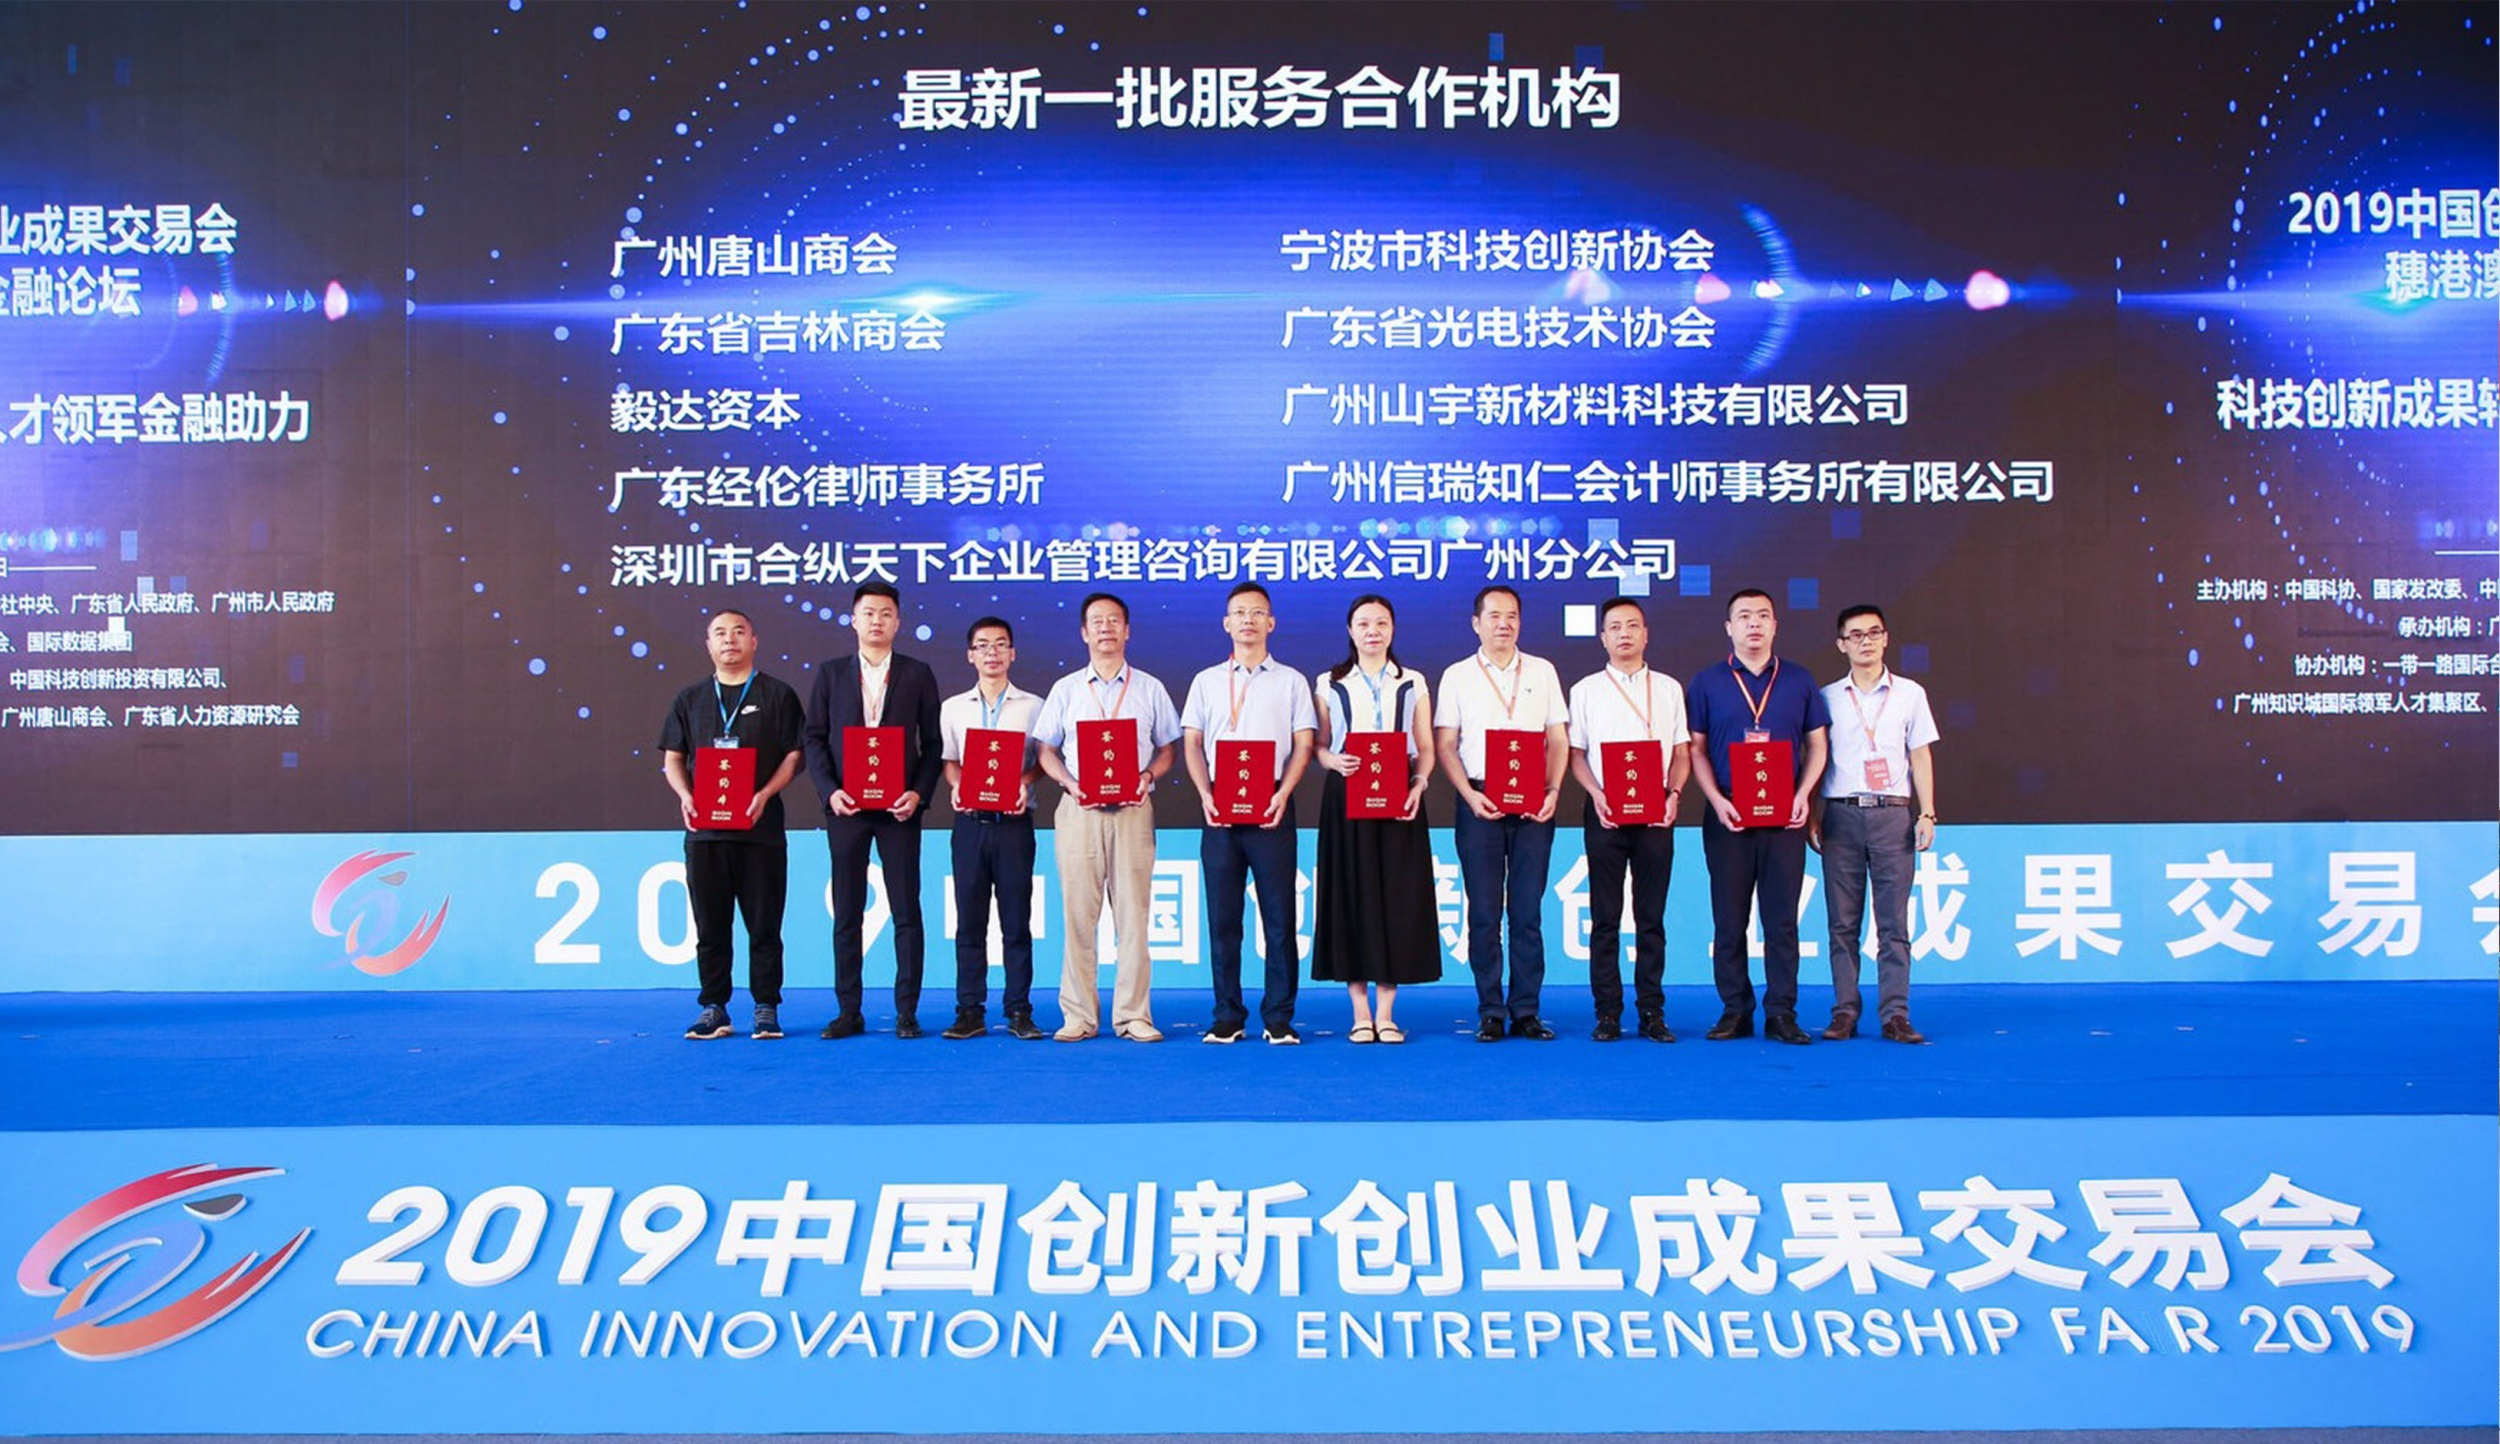 2019中国创新创业成果交易会